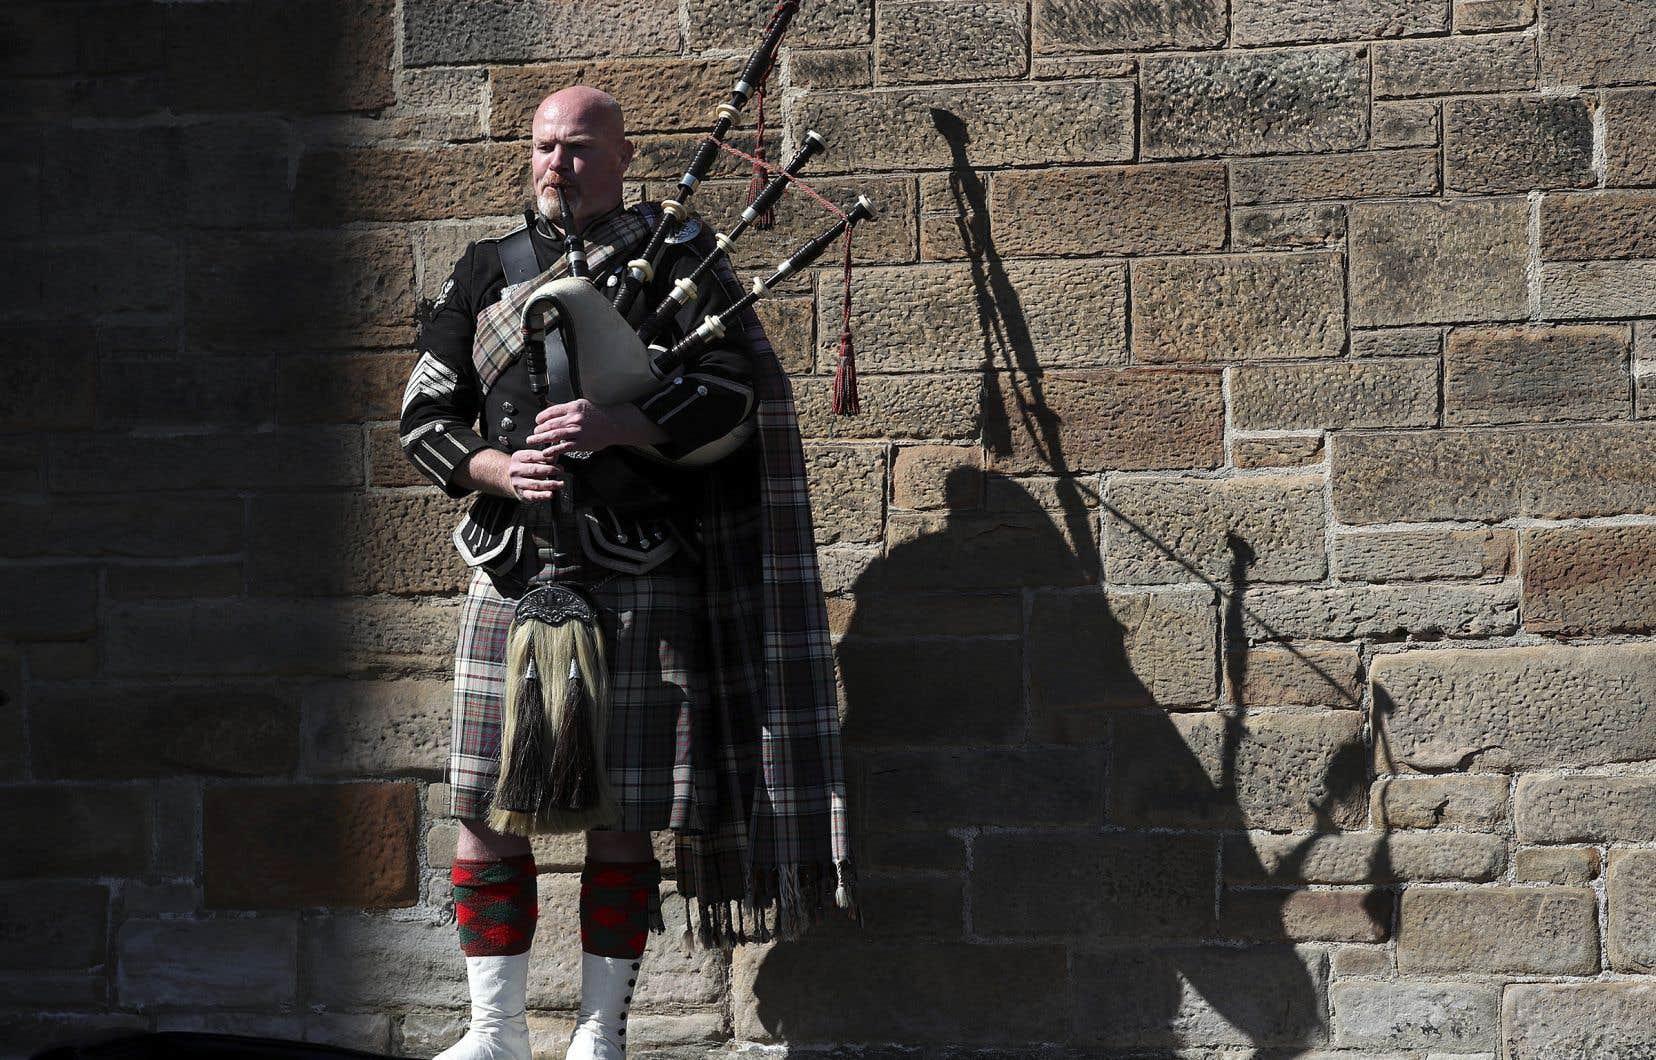 L'objectif  du Scottish National Party, qui s'appuie sur le Brexit contre lequel s'étaient prononcés les Écossais, est que l'Écosse rejoigne l'Union européenne  en tant qu'État indépendant.